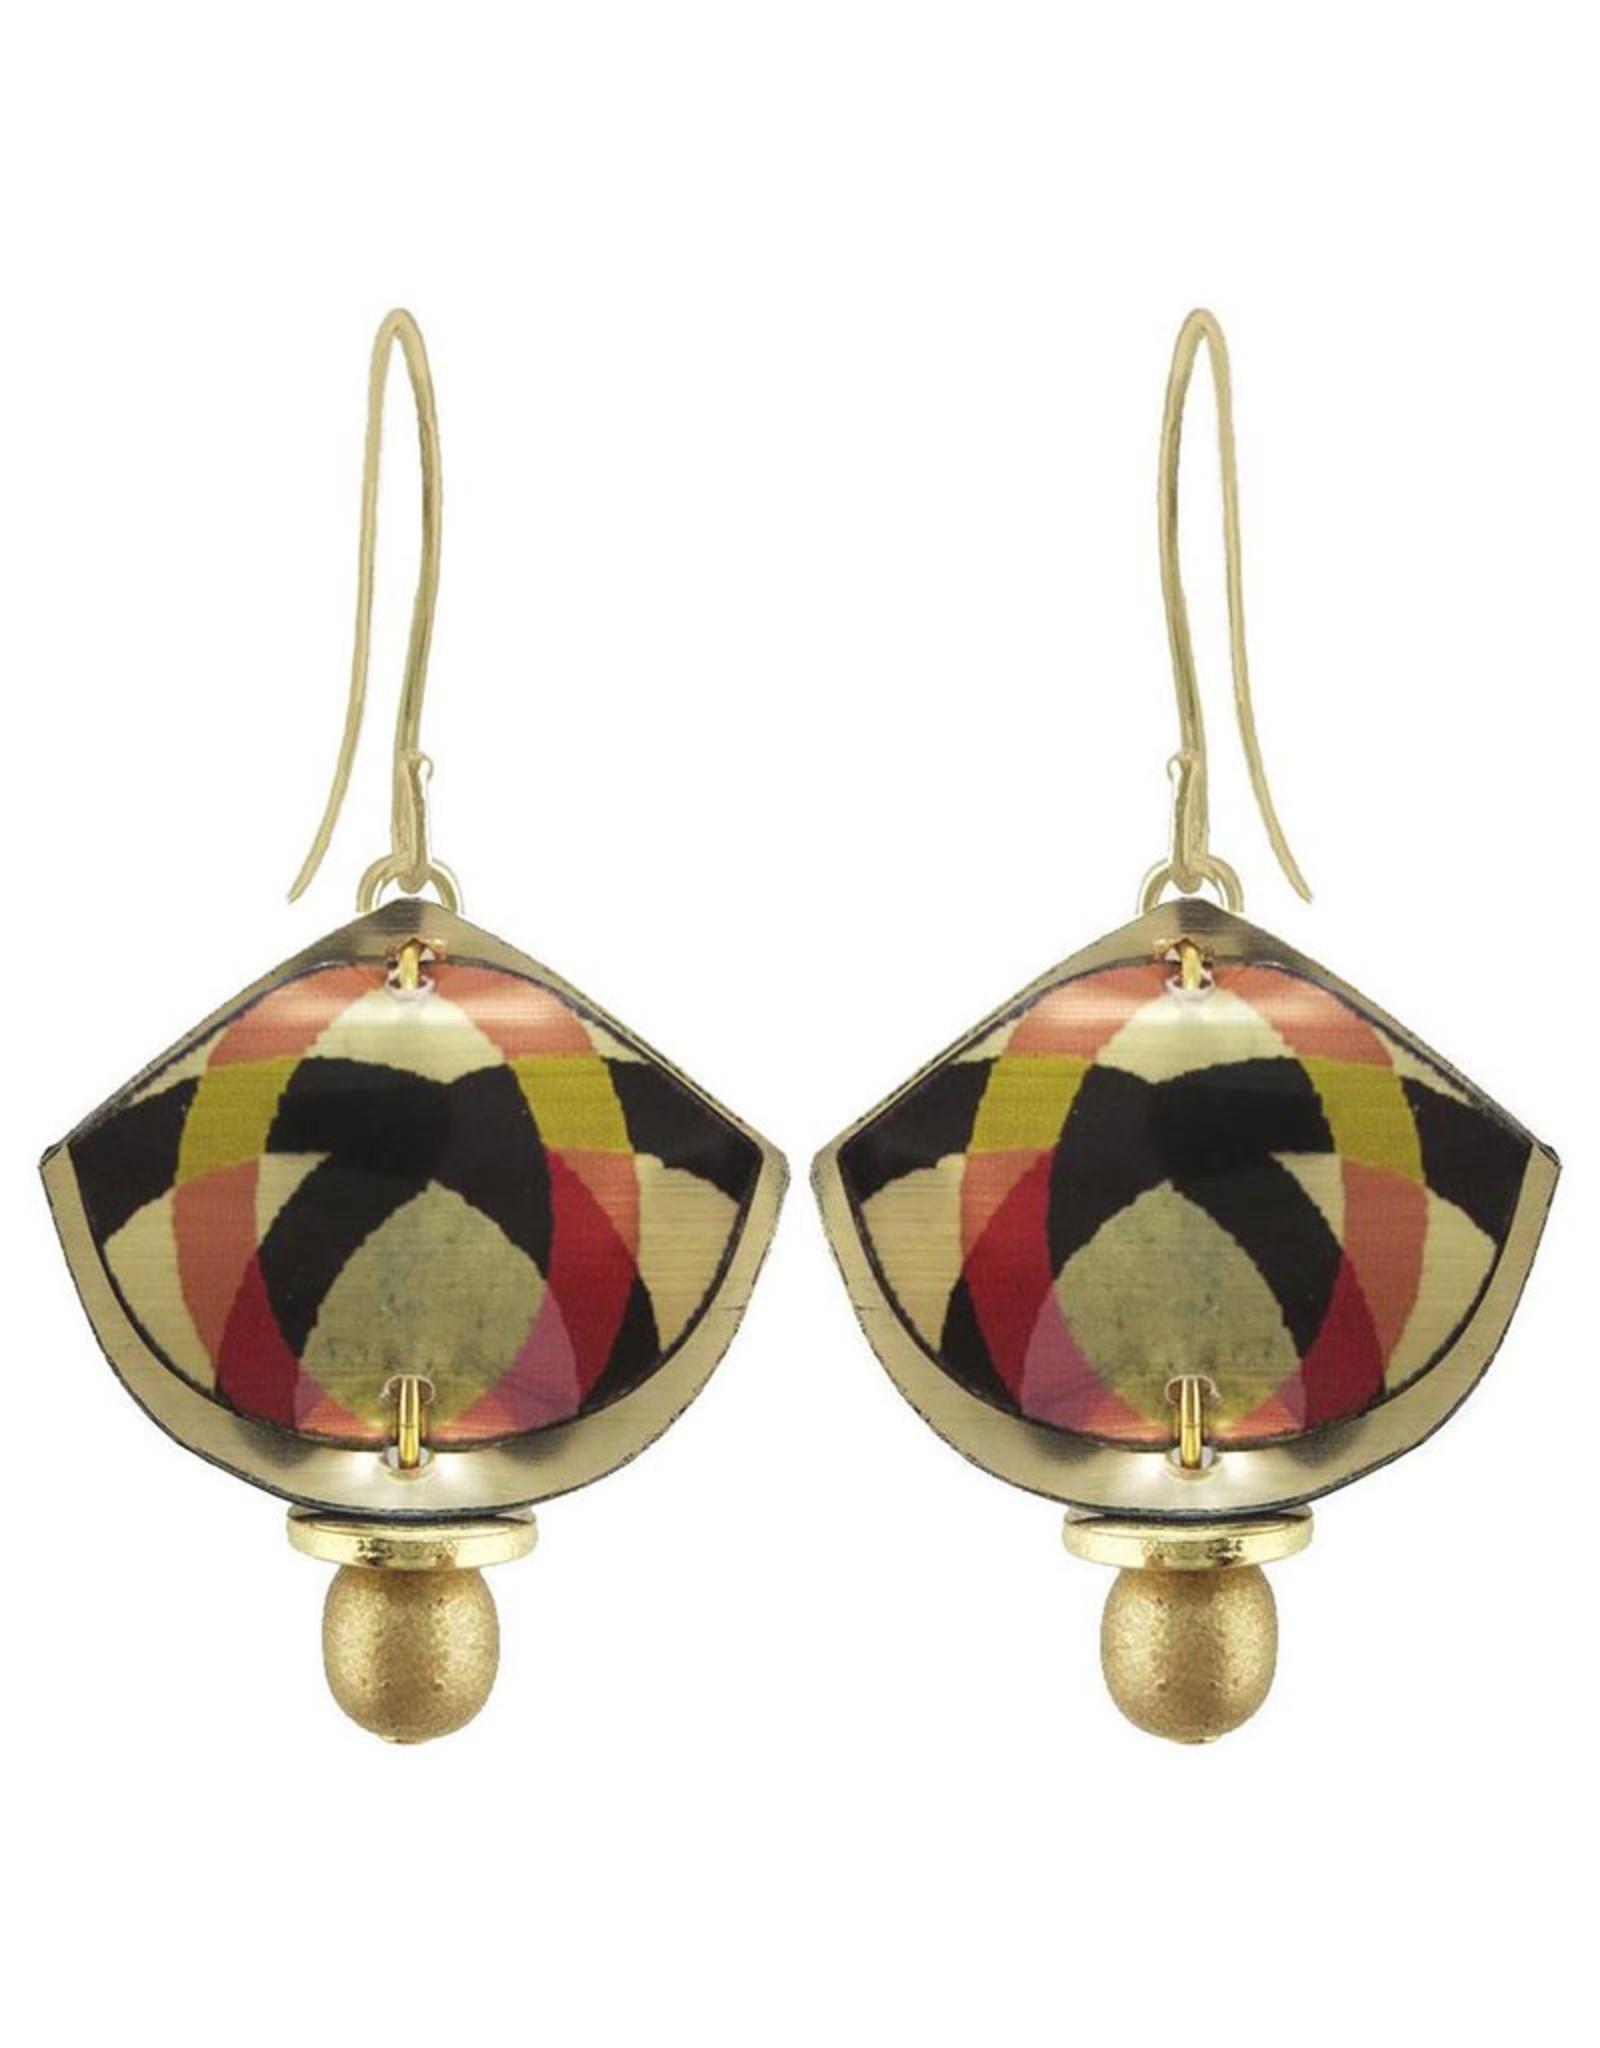 SINGERMAN & POST GOLD SHIELD EARRINGS